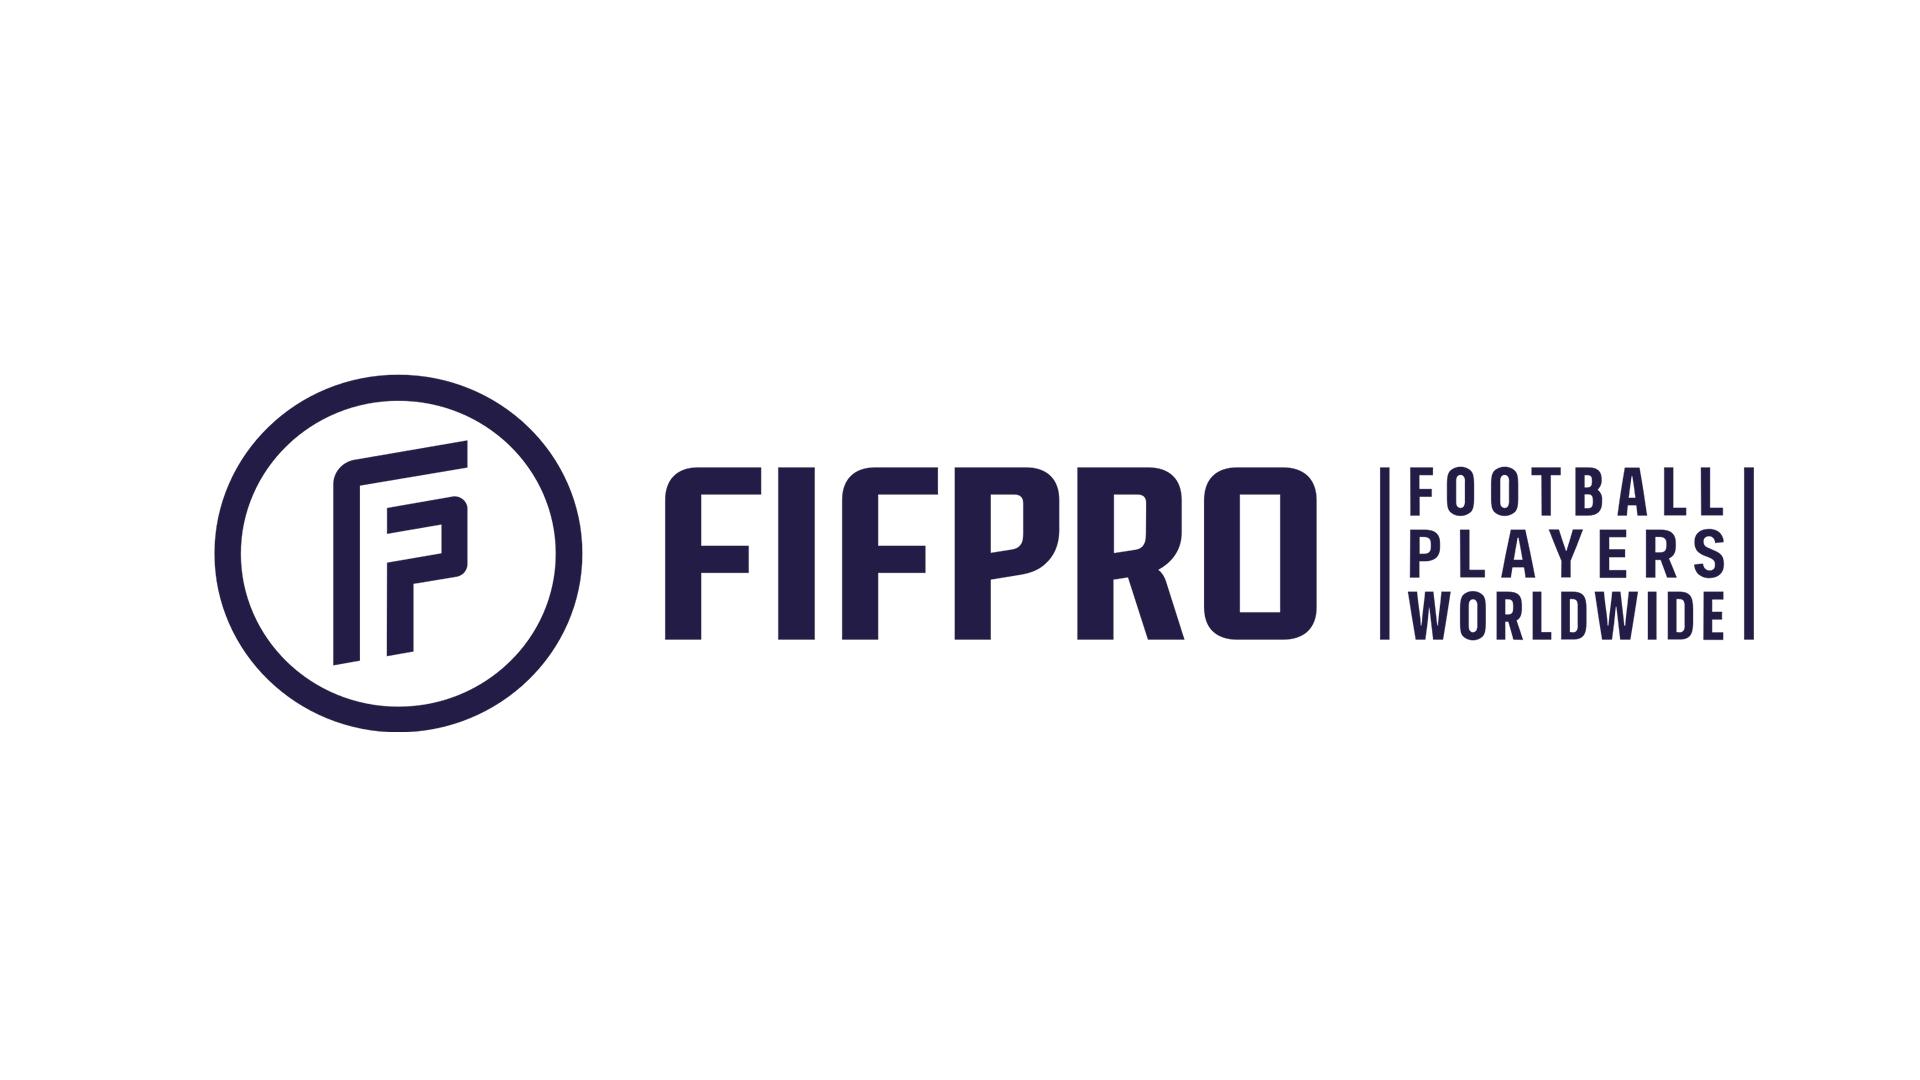 国际球员协会:两年一次世界杯缺乏讨论 赛程改革需考虑球员利益